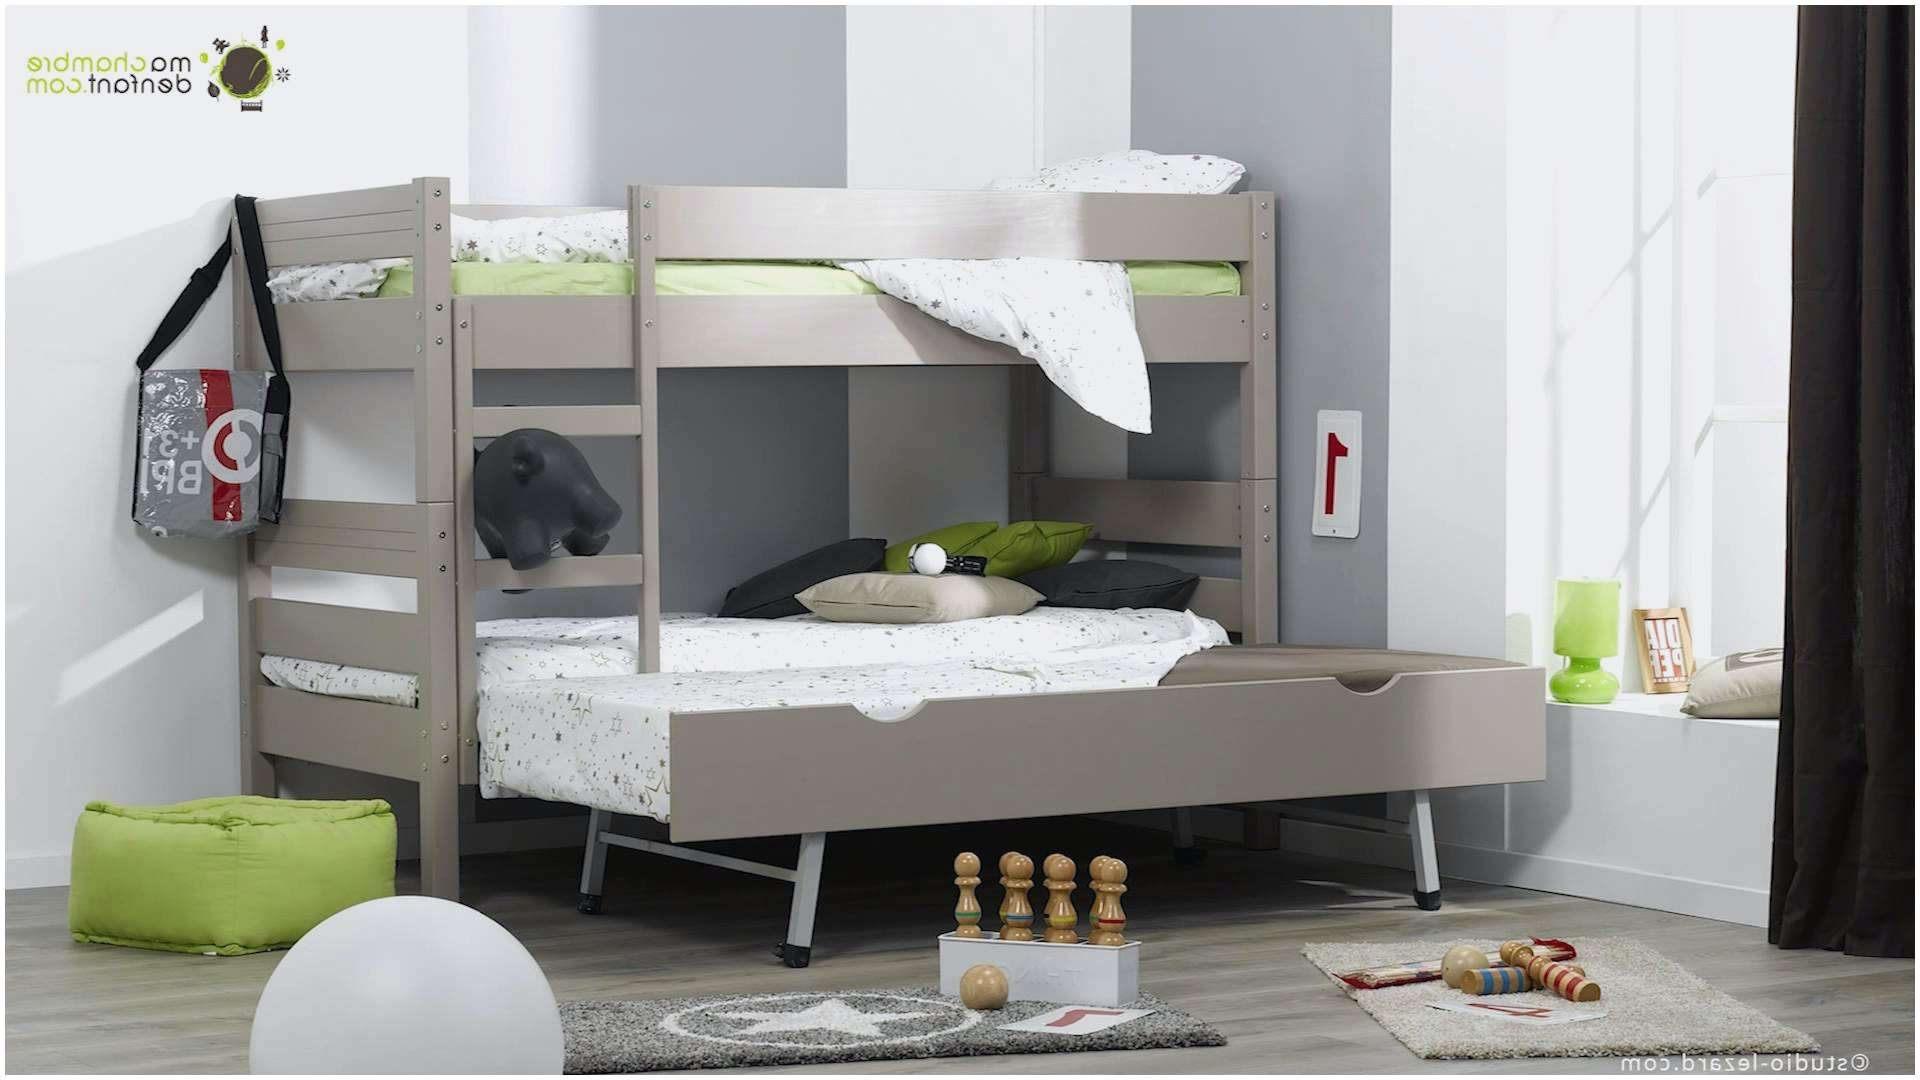 Ikea Lits Superposés Nouveau Frais 40 Best Mezzanines Pinterest Pour Option Protection